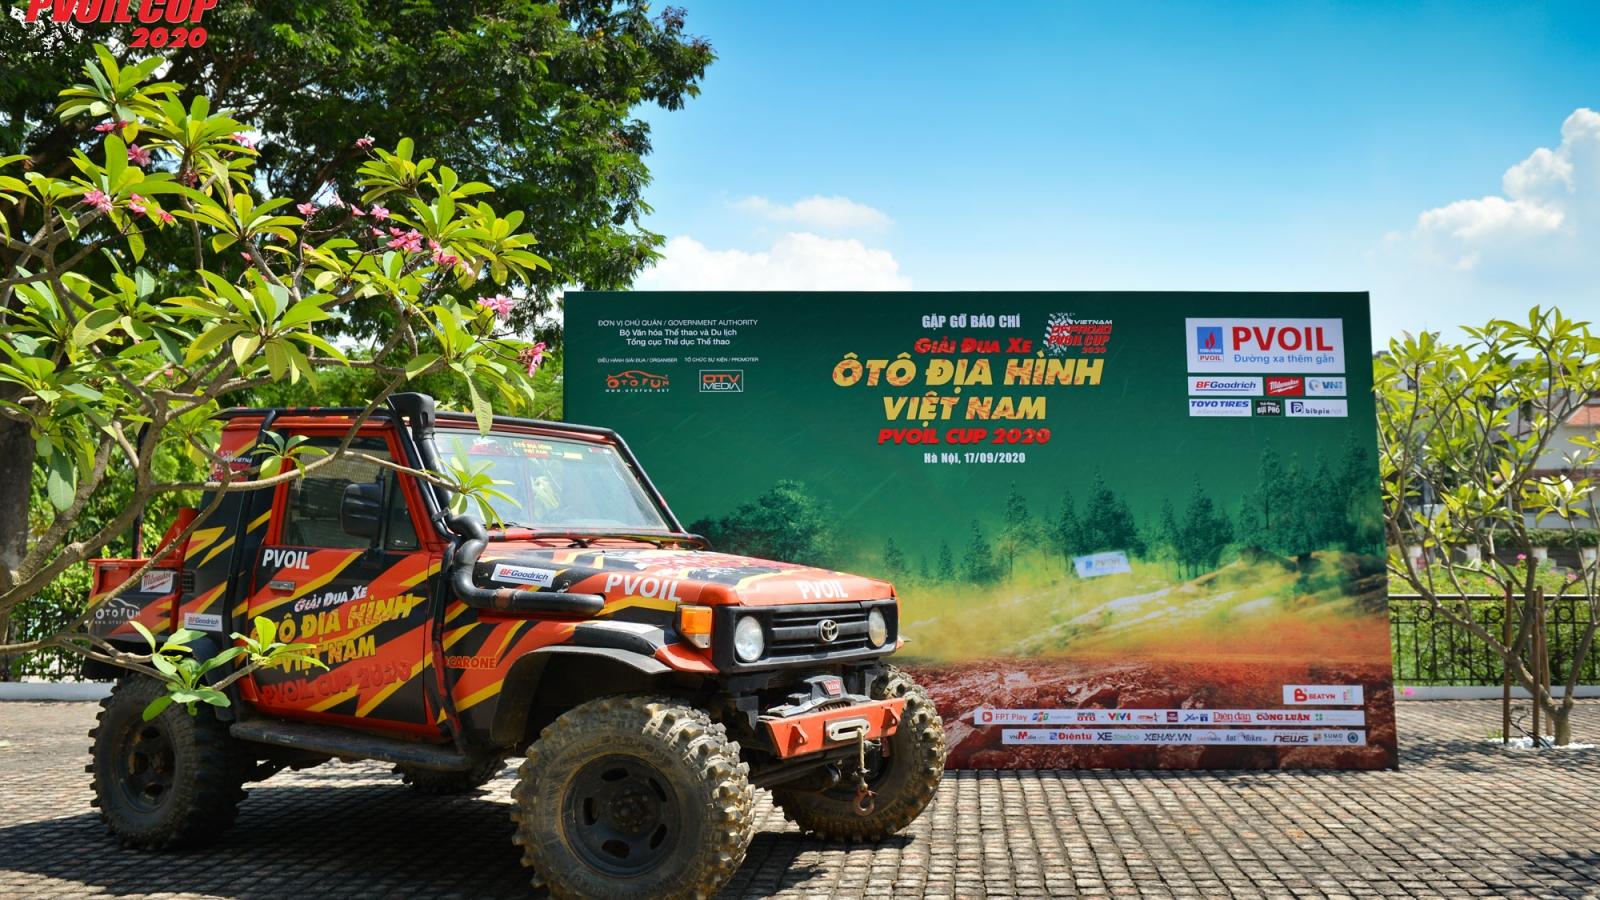 80 đội tham dự Giải đua xe ô tô địa hình Việt Nam 2020